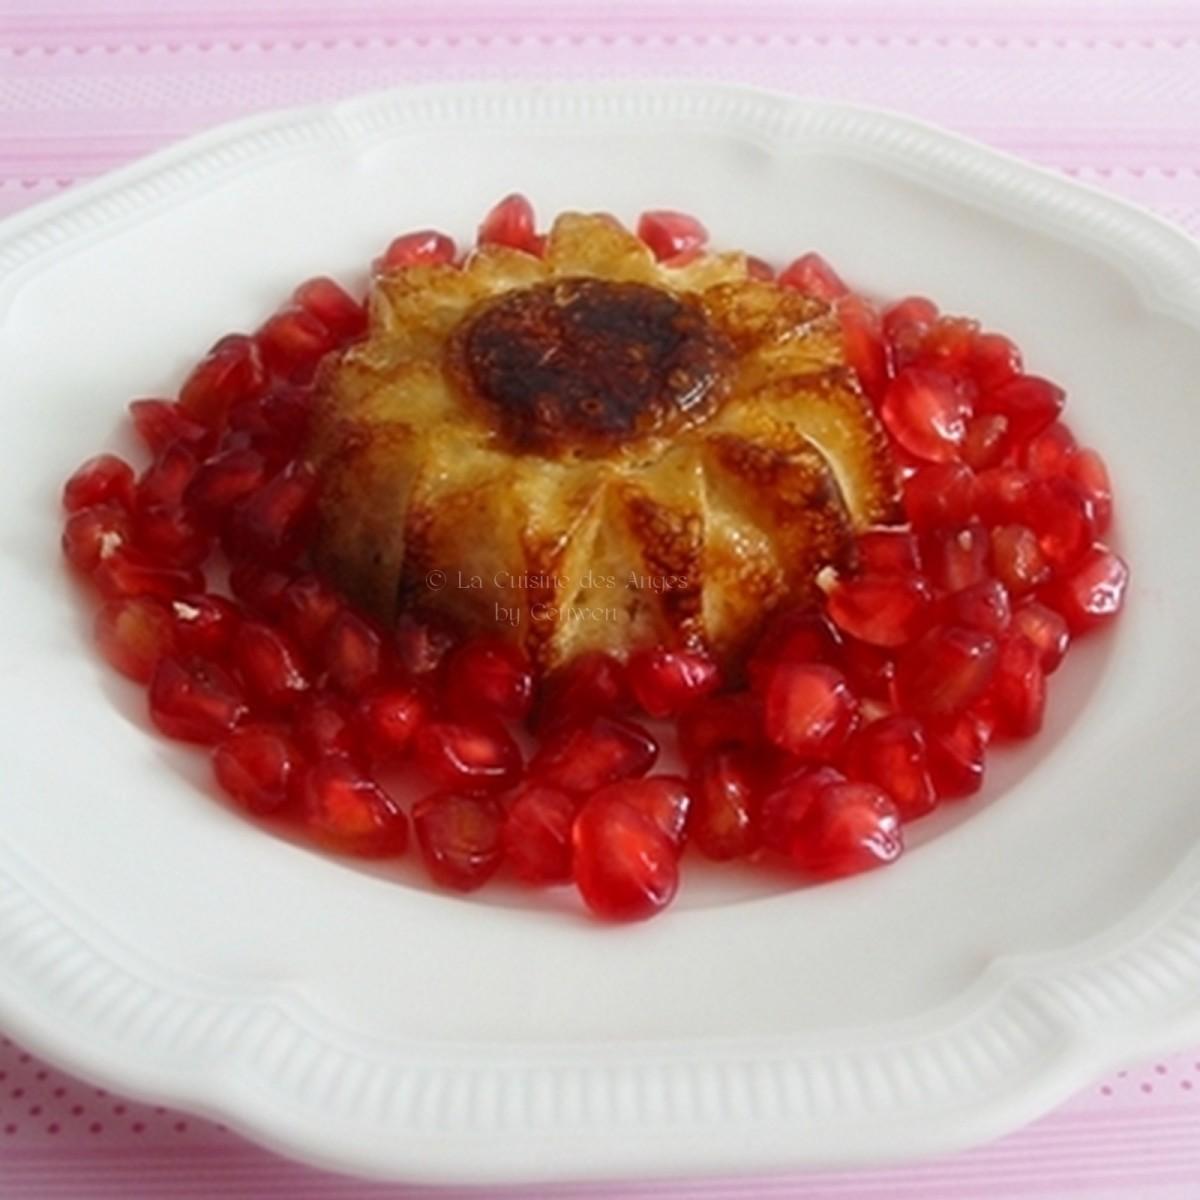 Petits puddings de tapioca la vanille et aux pommes la cuisine des anges - La cuisine des petits ...